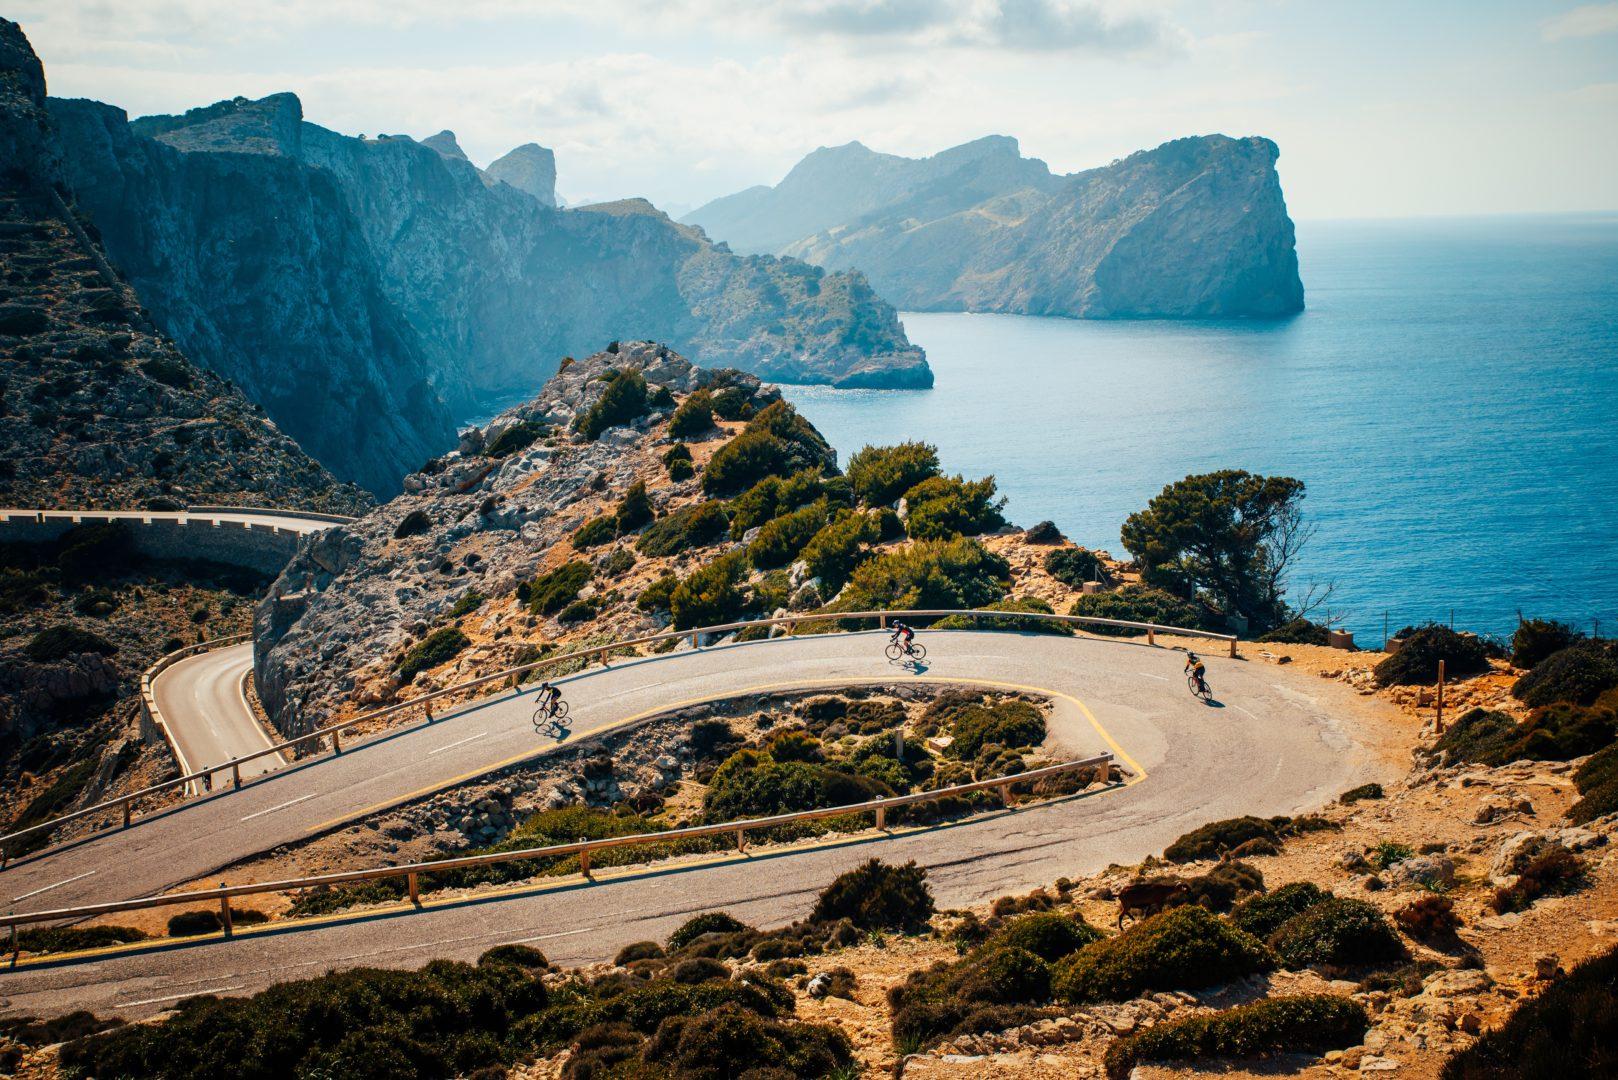 Cyclotourisme vacances à vélo Majorque_shutterstock_1398819182 -